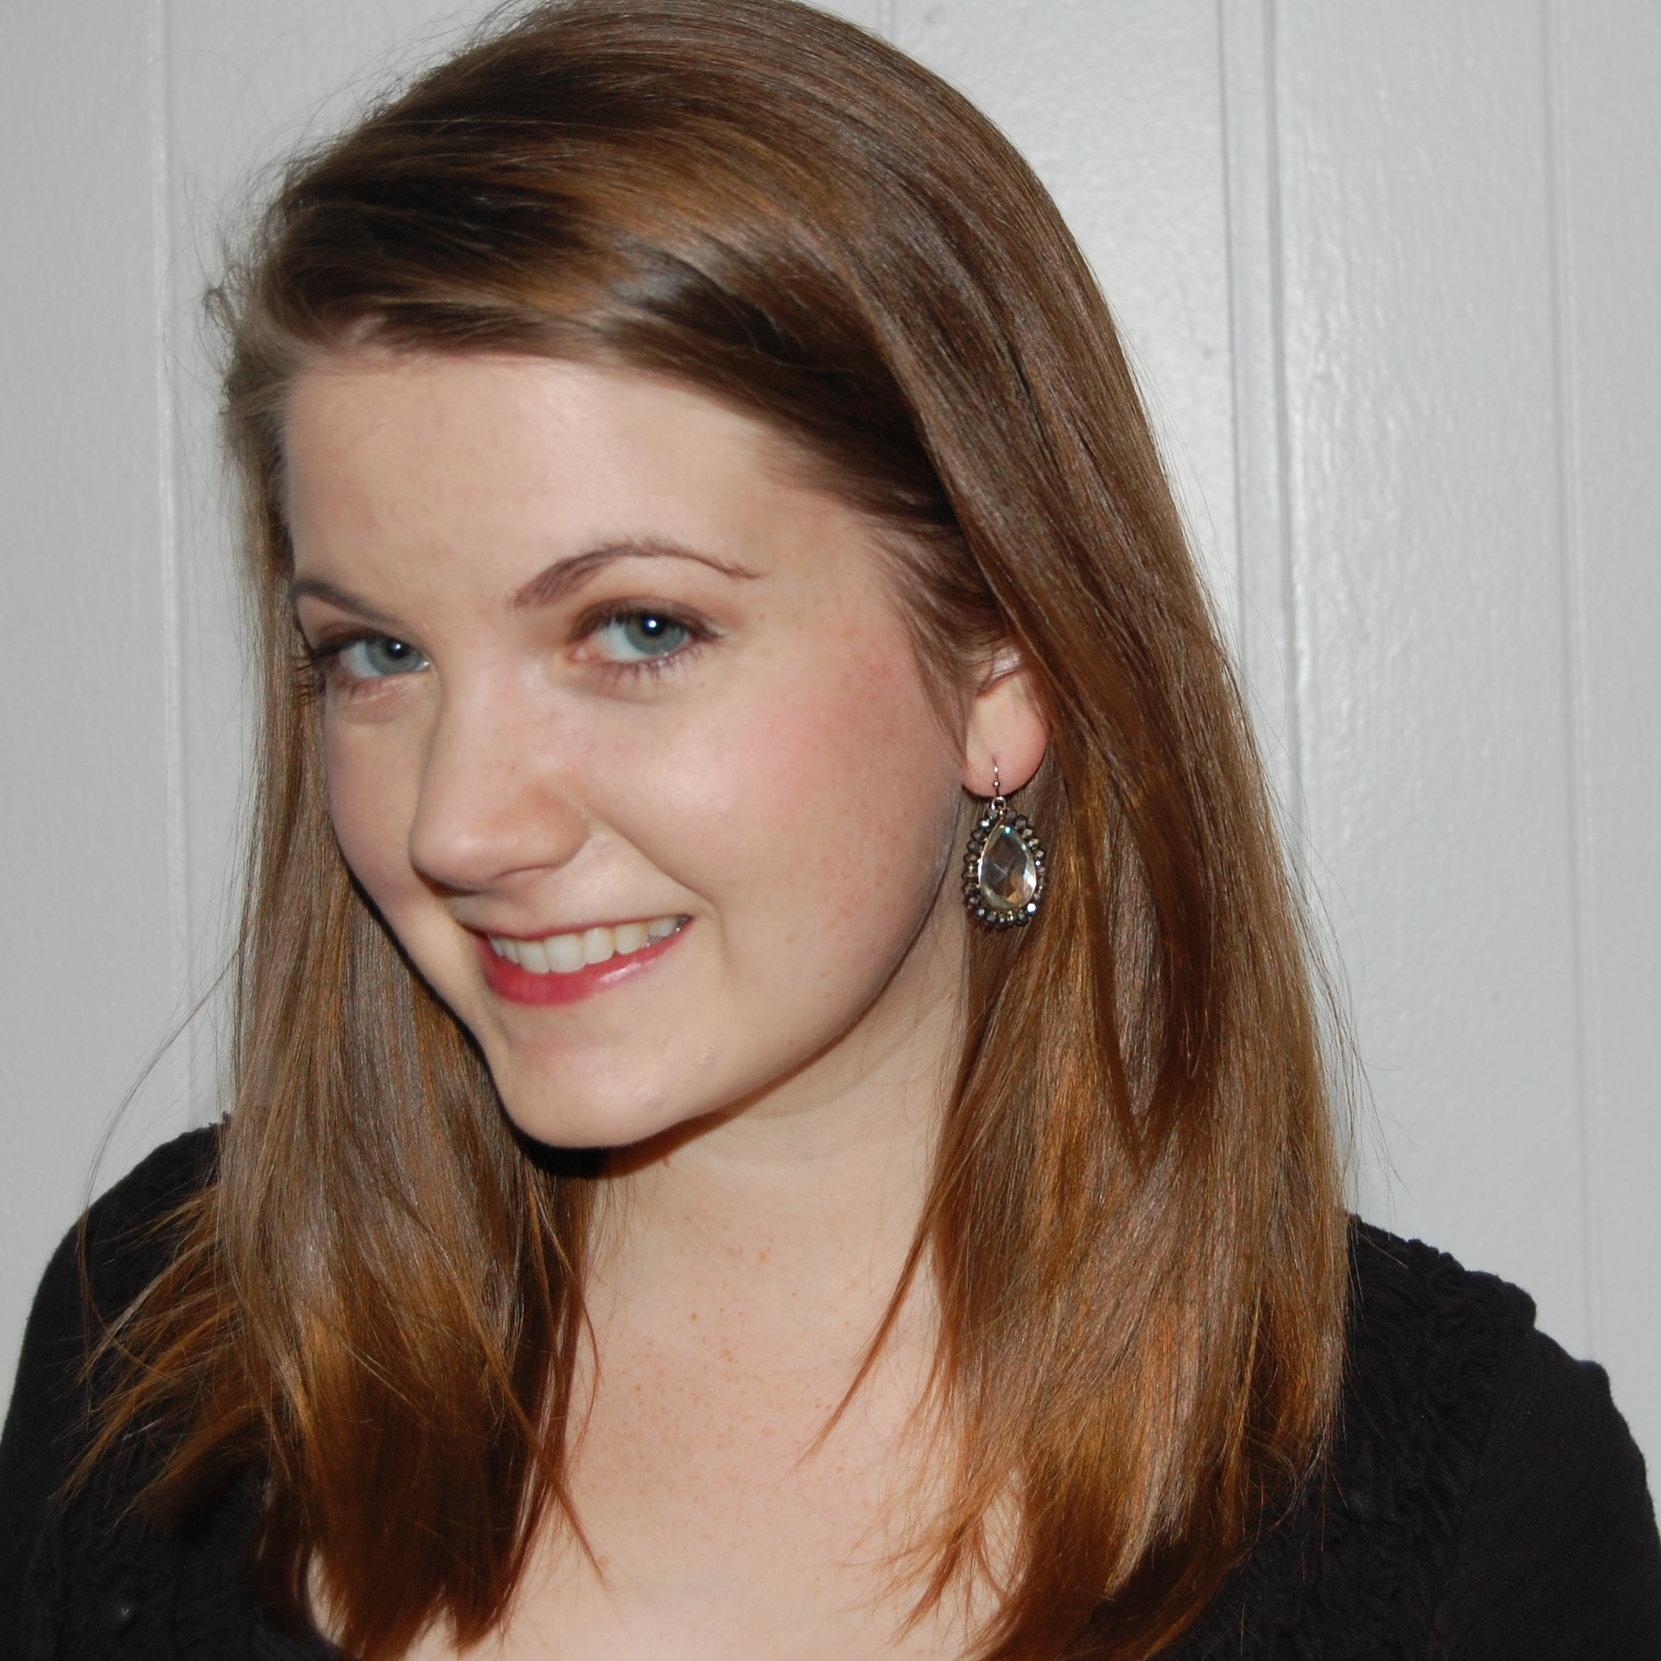 Megan Maier